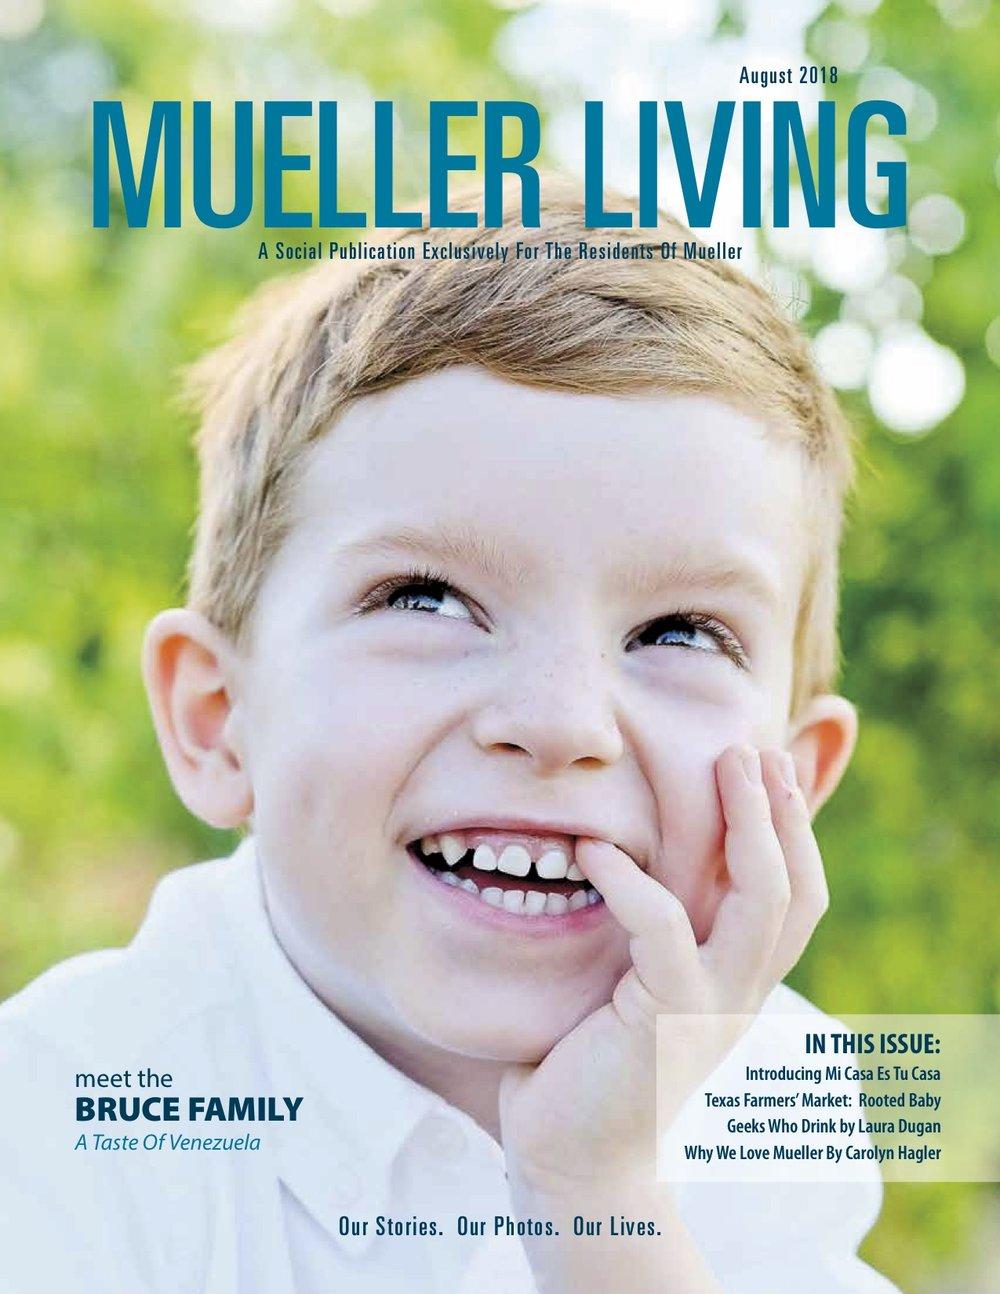 Aug_2018_Mueller_Living.jpg